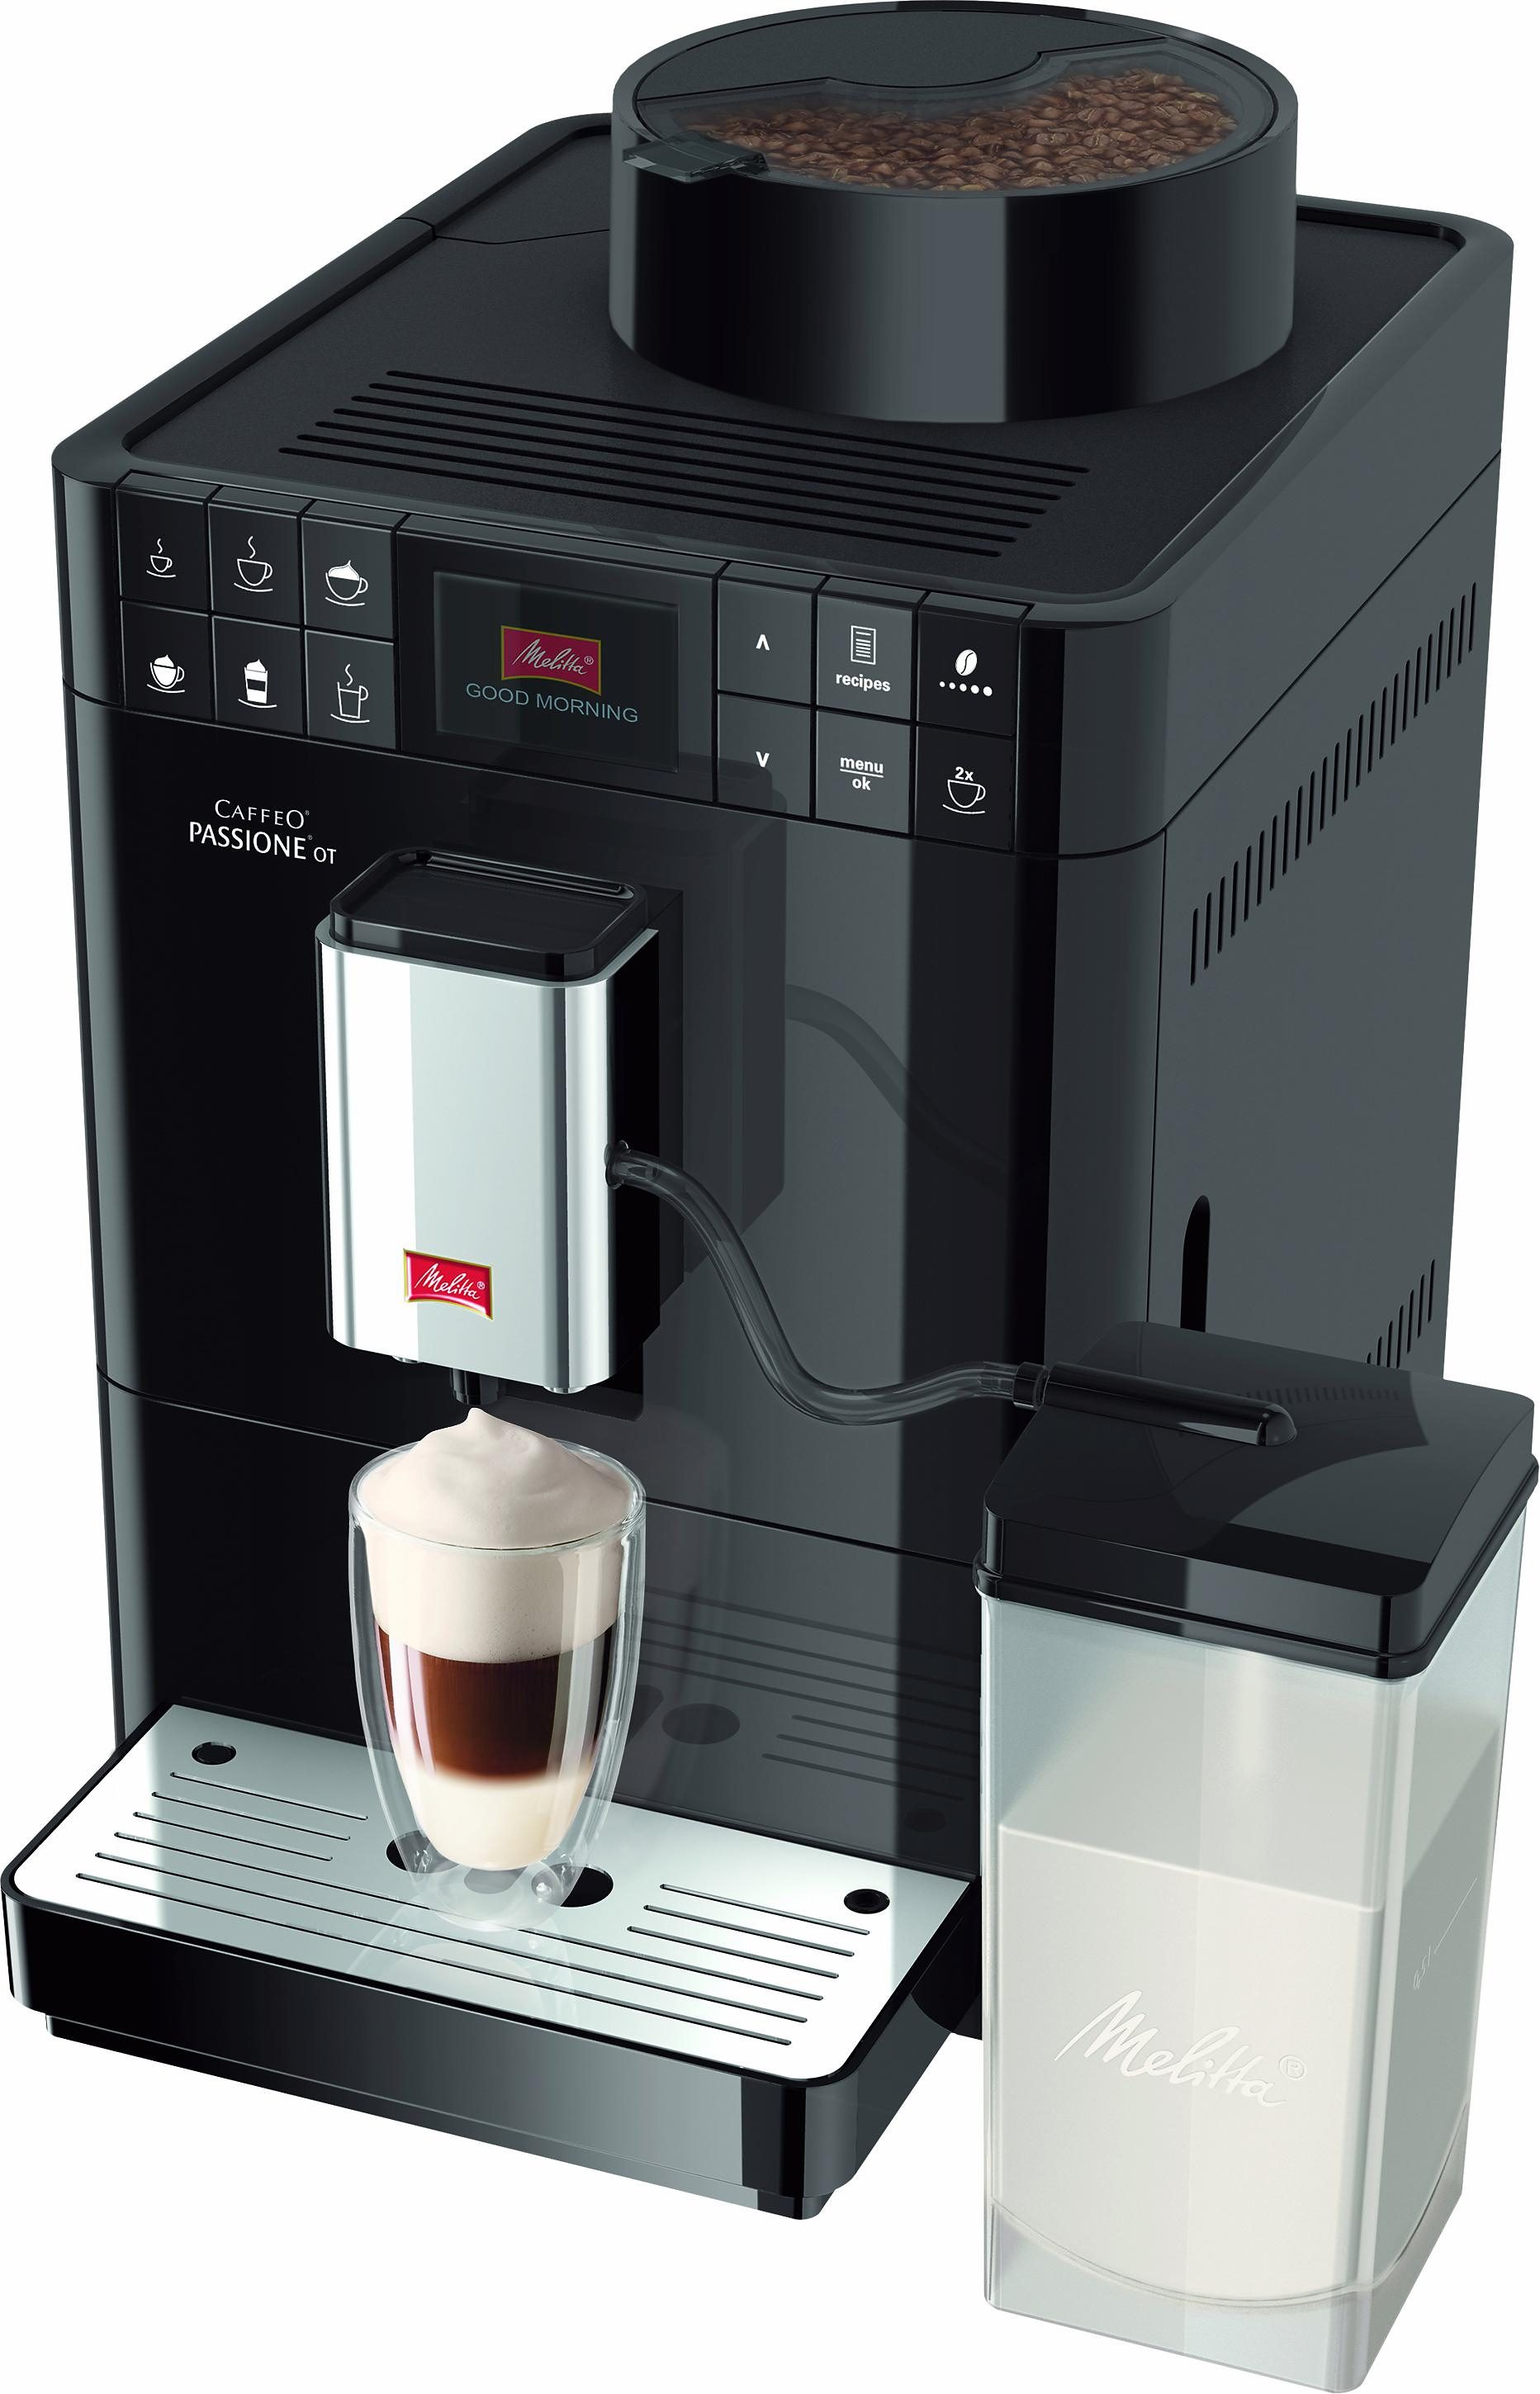 Melitta Kaffeevollautomat Caffeo® Passione® OT F53/1-102, schwarz